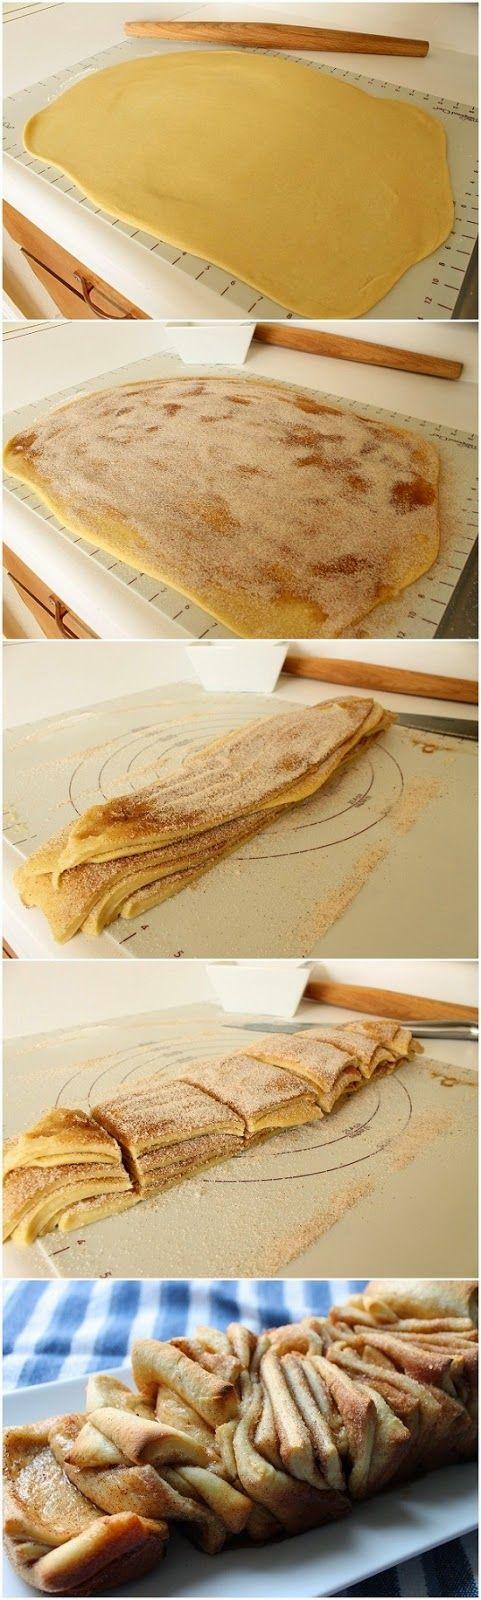 Inspiring snaps: Cinnamon Sugar Pull-Apart Bread